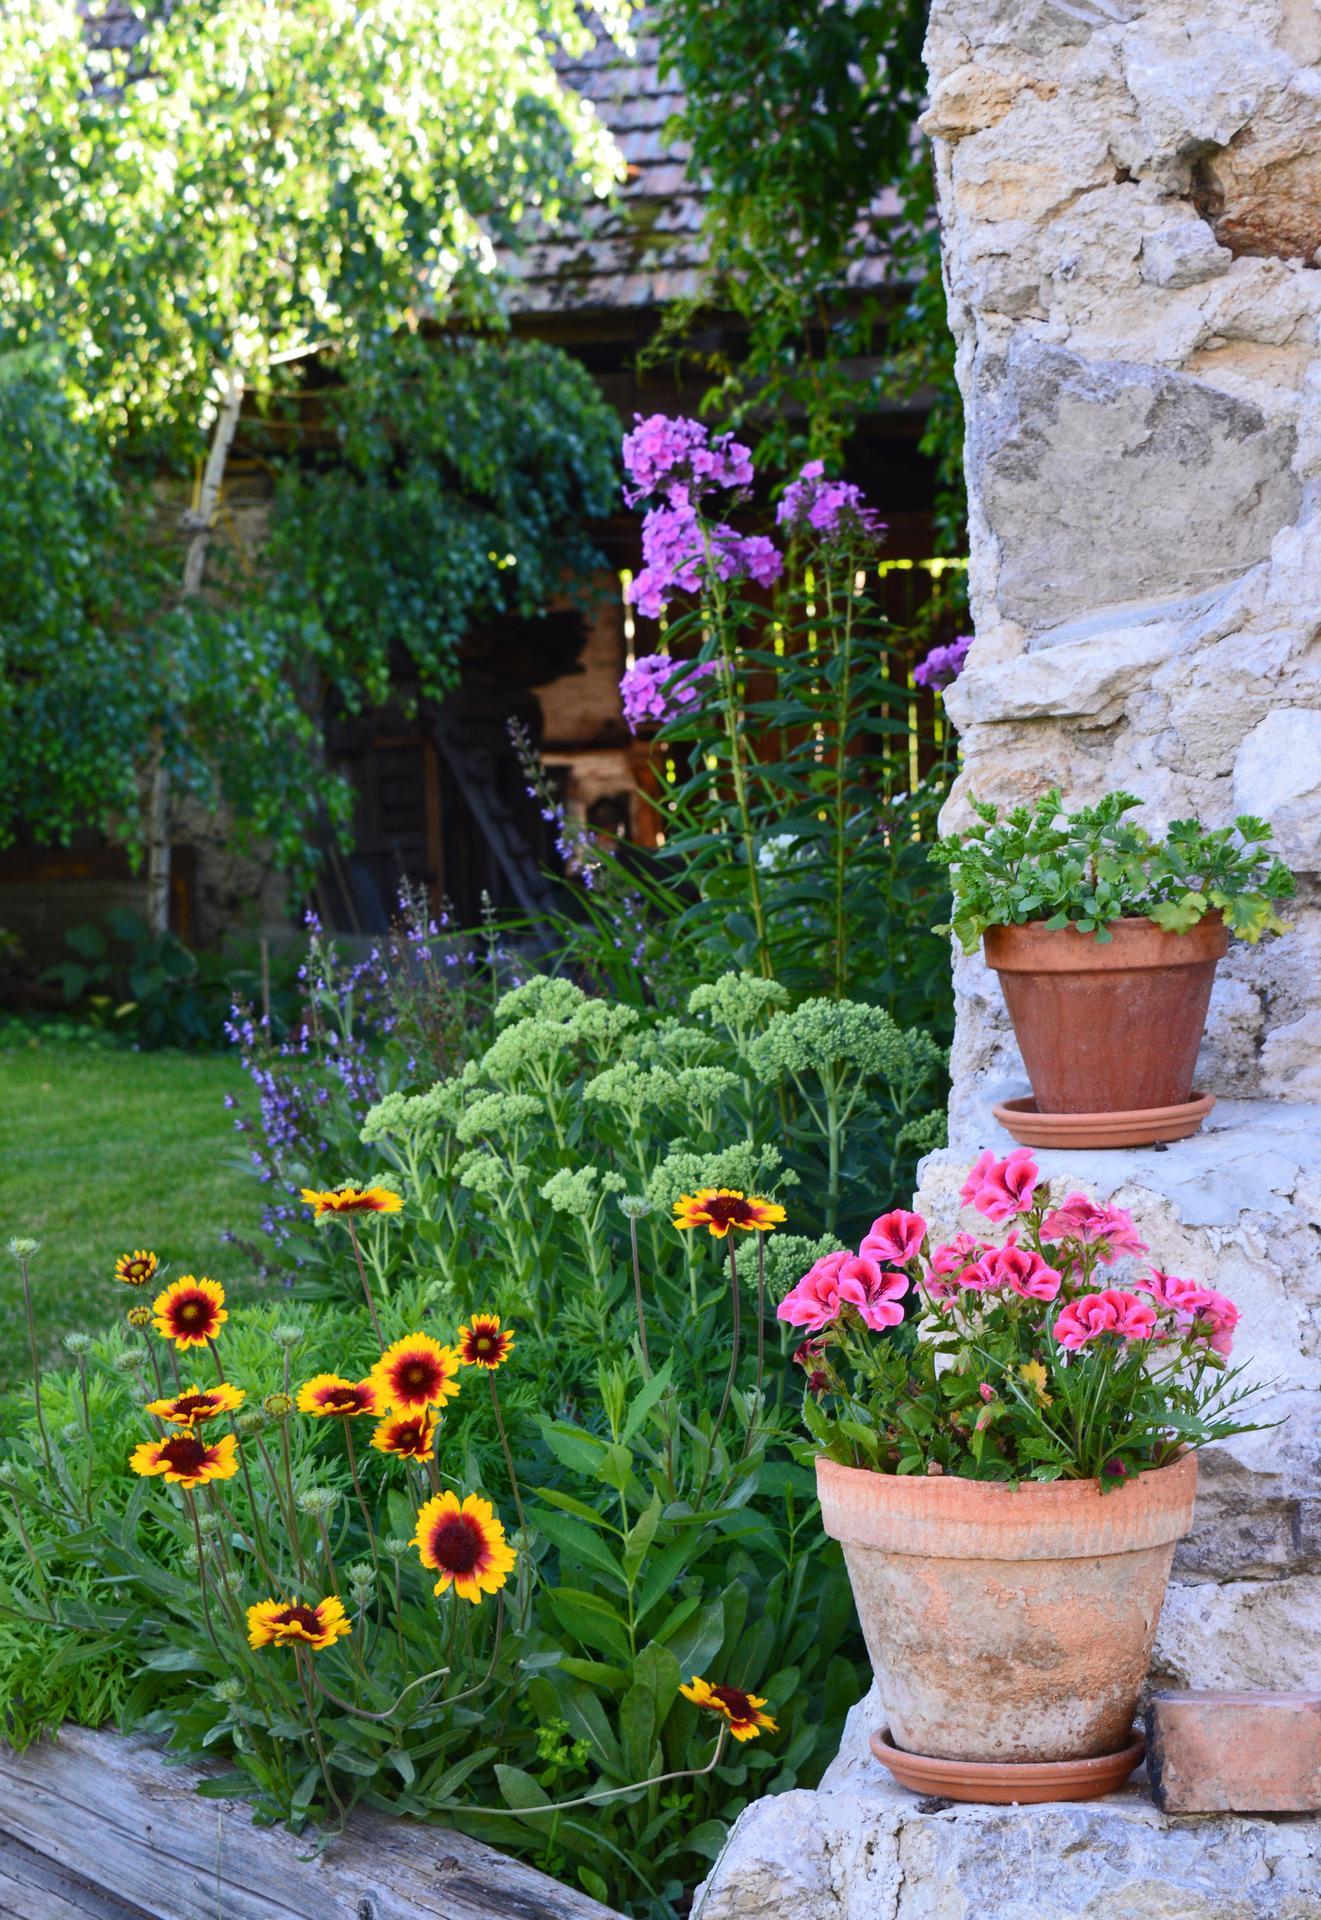 Naša prírodná perma záhradka v roku 2020 - ešte stále júl - šalvia v plnom kvete, kokardy začínajú, rozchodník zatiaľ spí